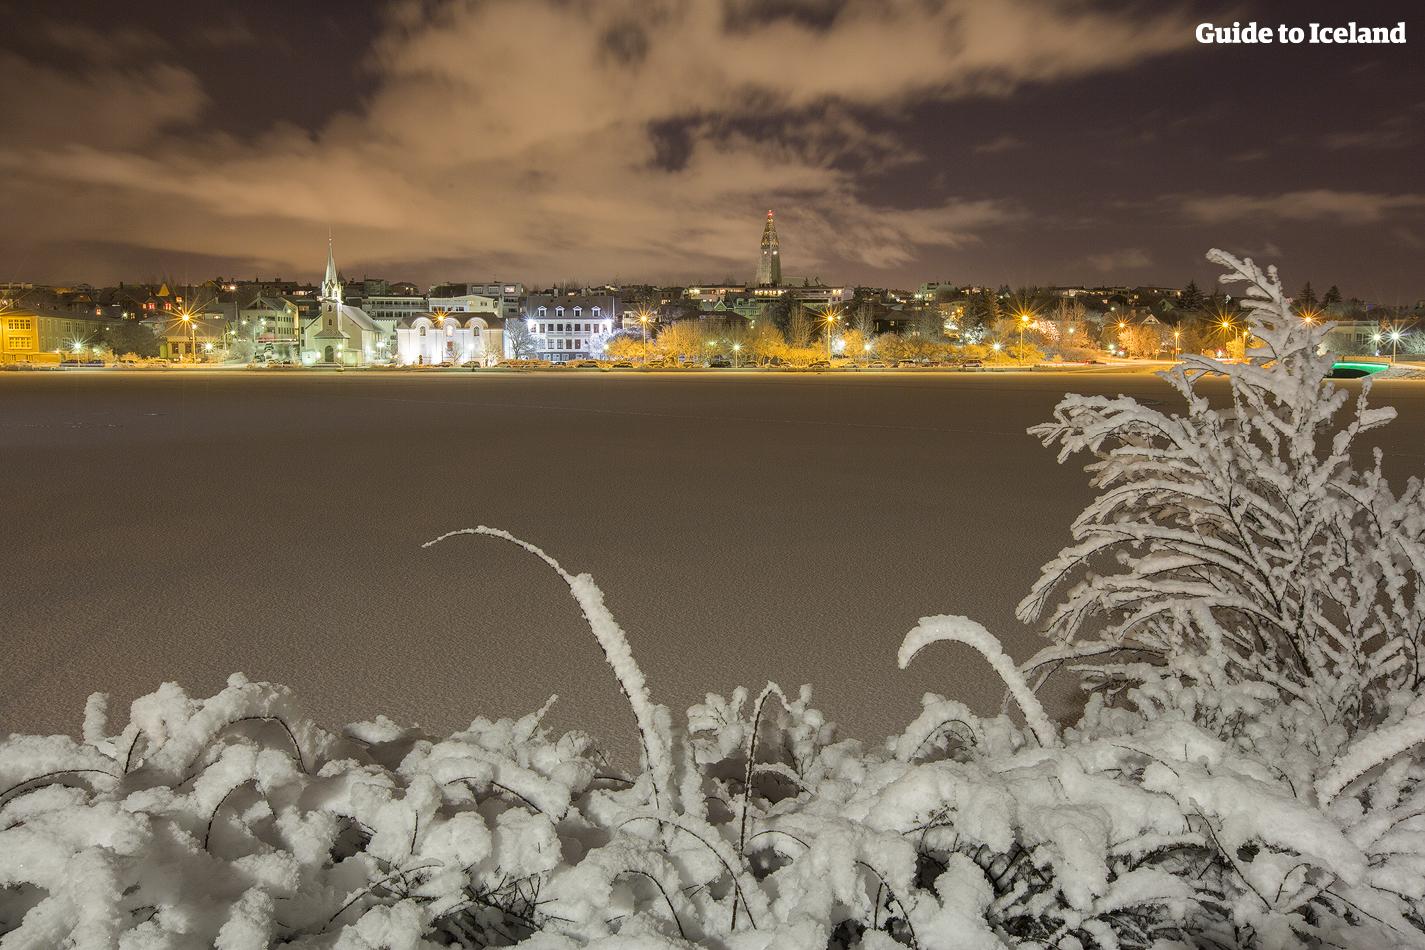 แสงสว่างตรงเส้นขอบฟ้าของเมืองเรคยาวิก ได้ทำให้เกิดแสงสว่างมาสู่ค่ำคืนอันมืดมิดในช่วงฤดูหนาวของประเทศไอซ์แลนด์.